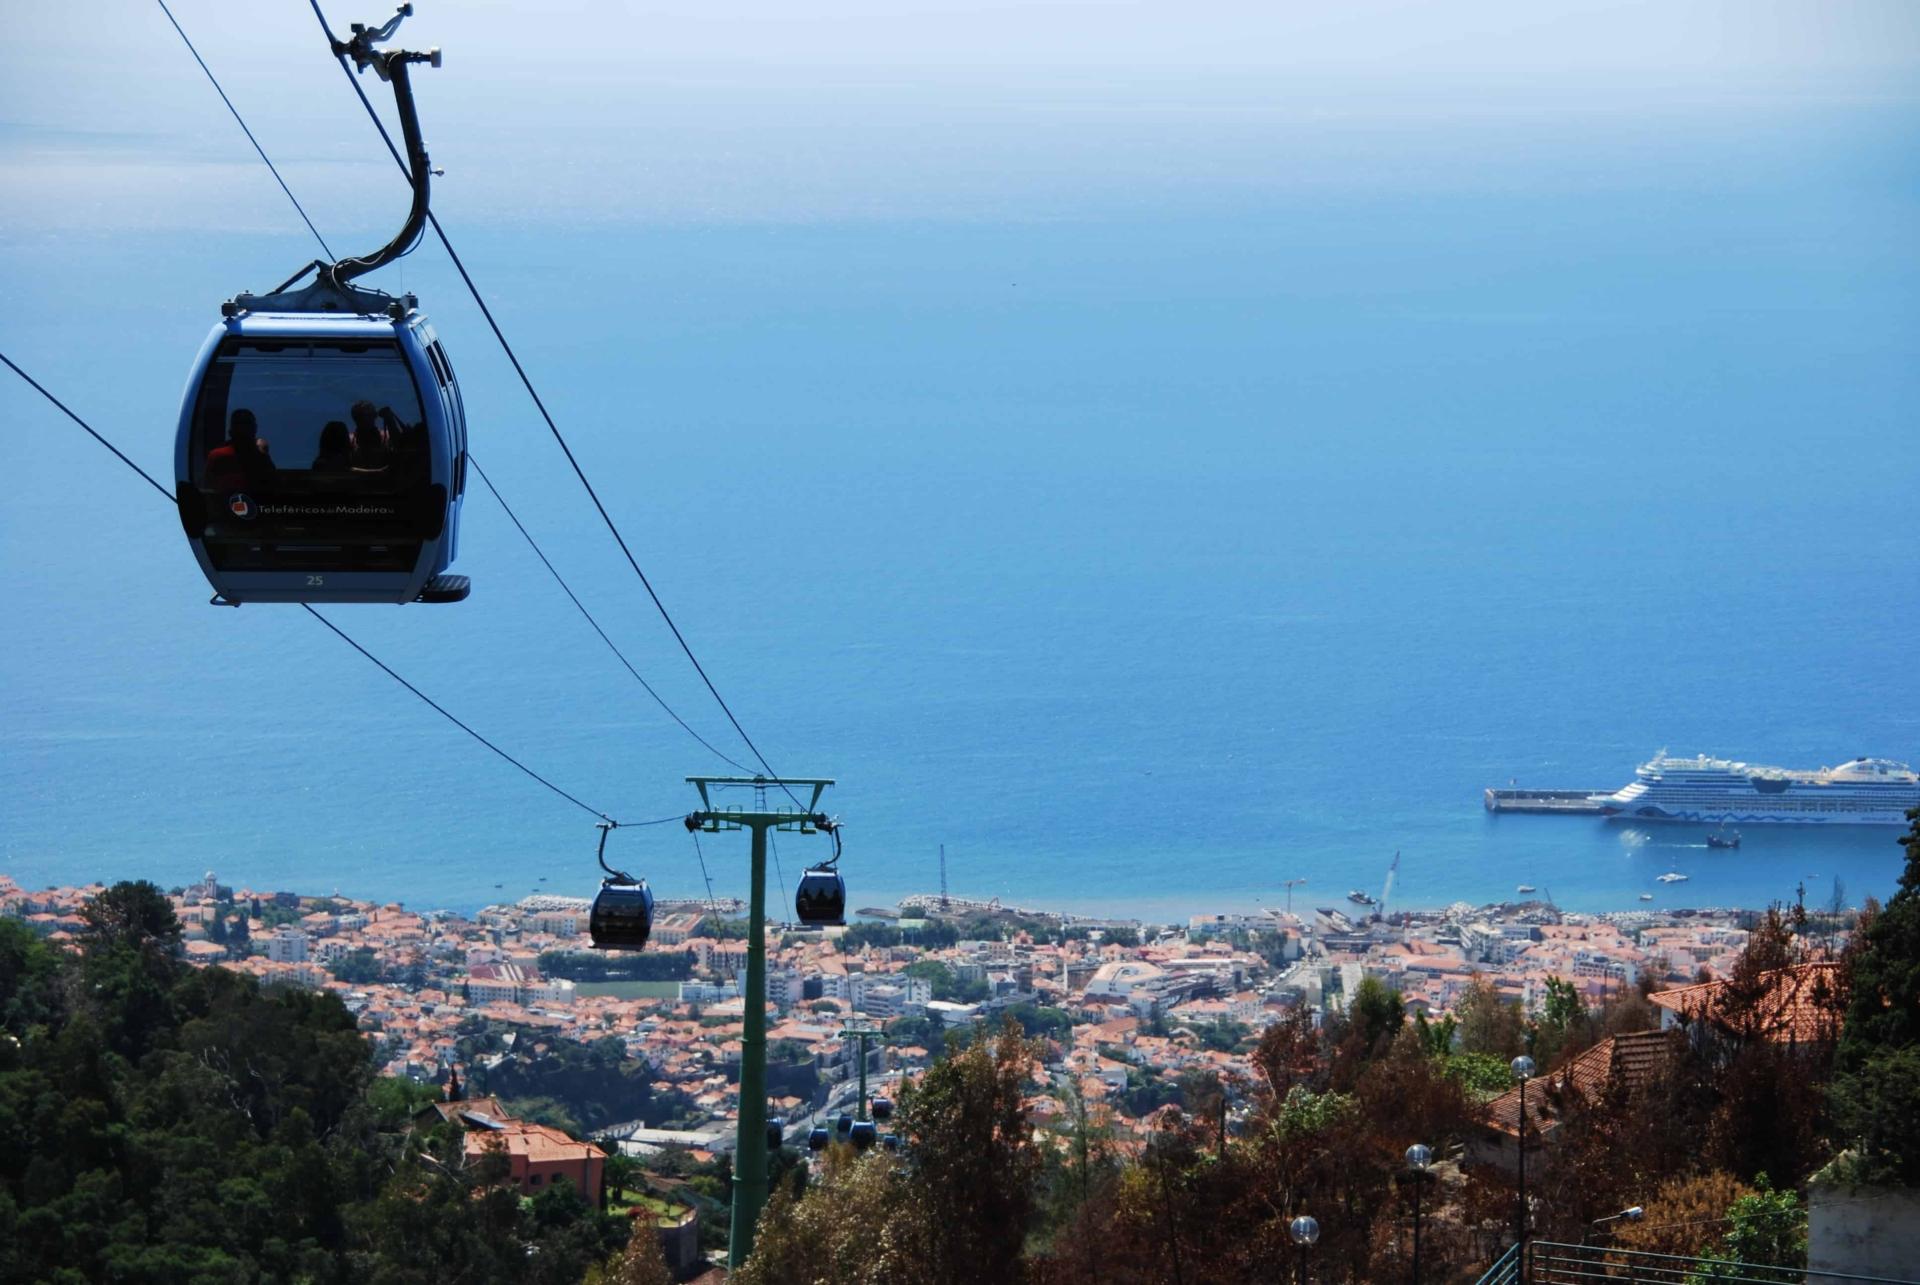 Monte Seilbahn AIDAstella Funchal Madeira